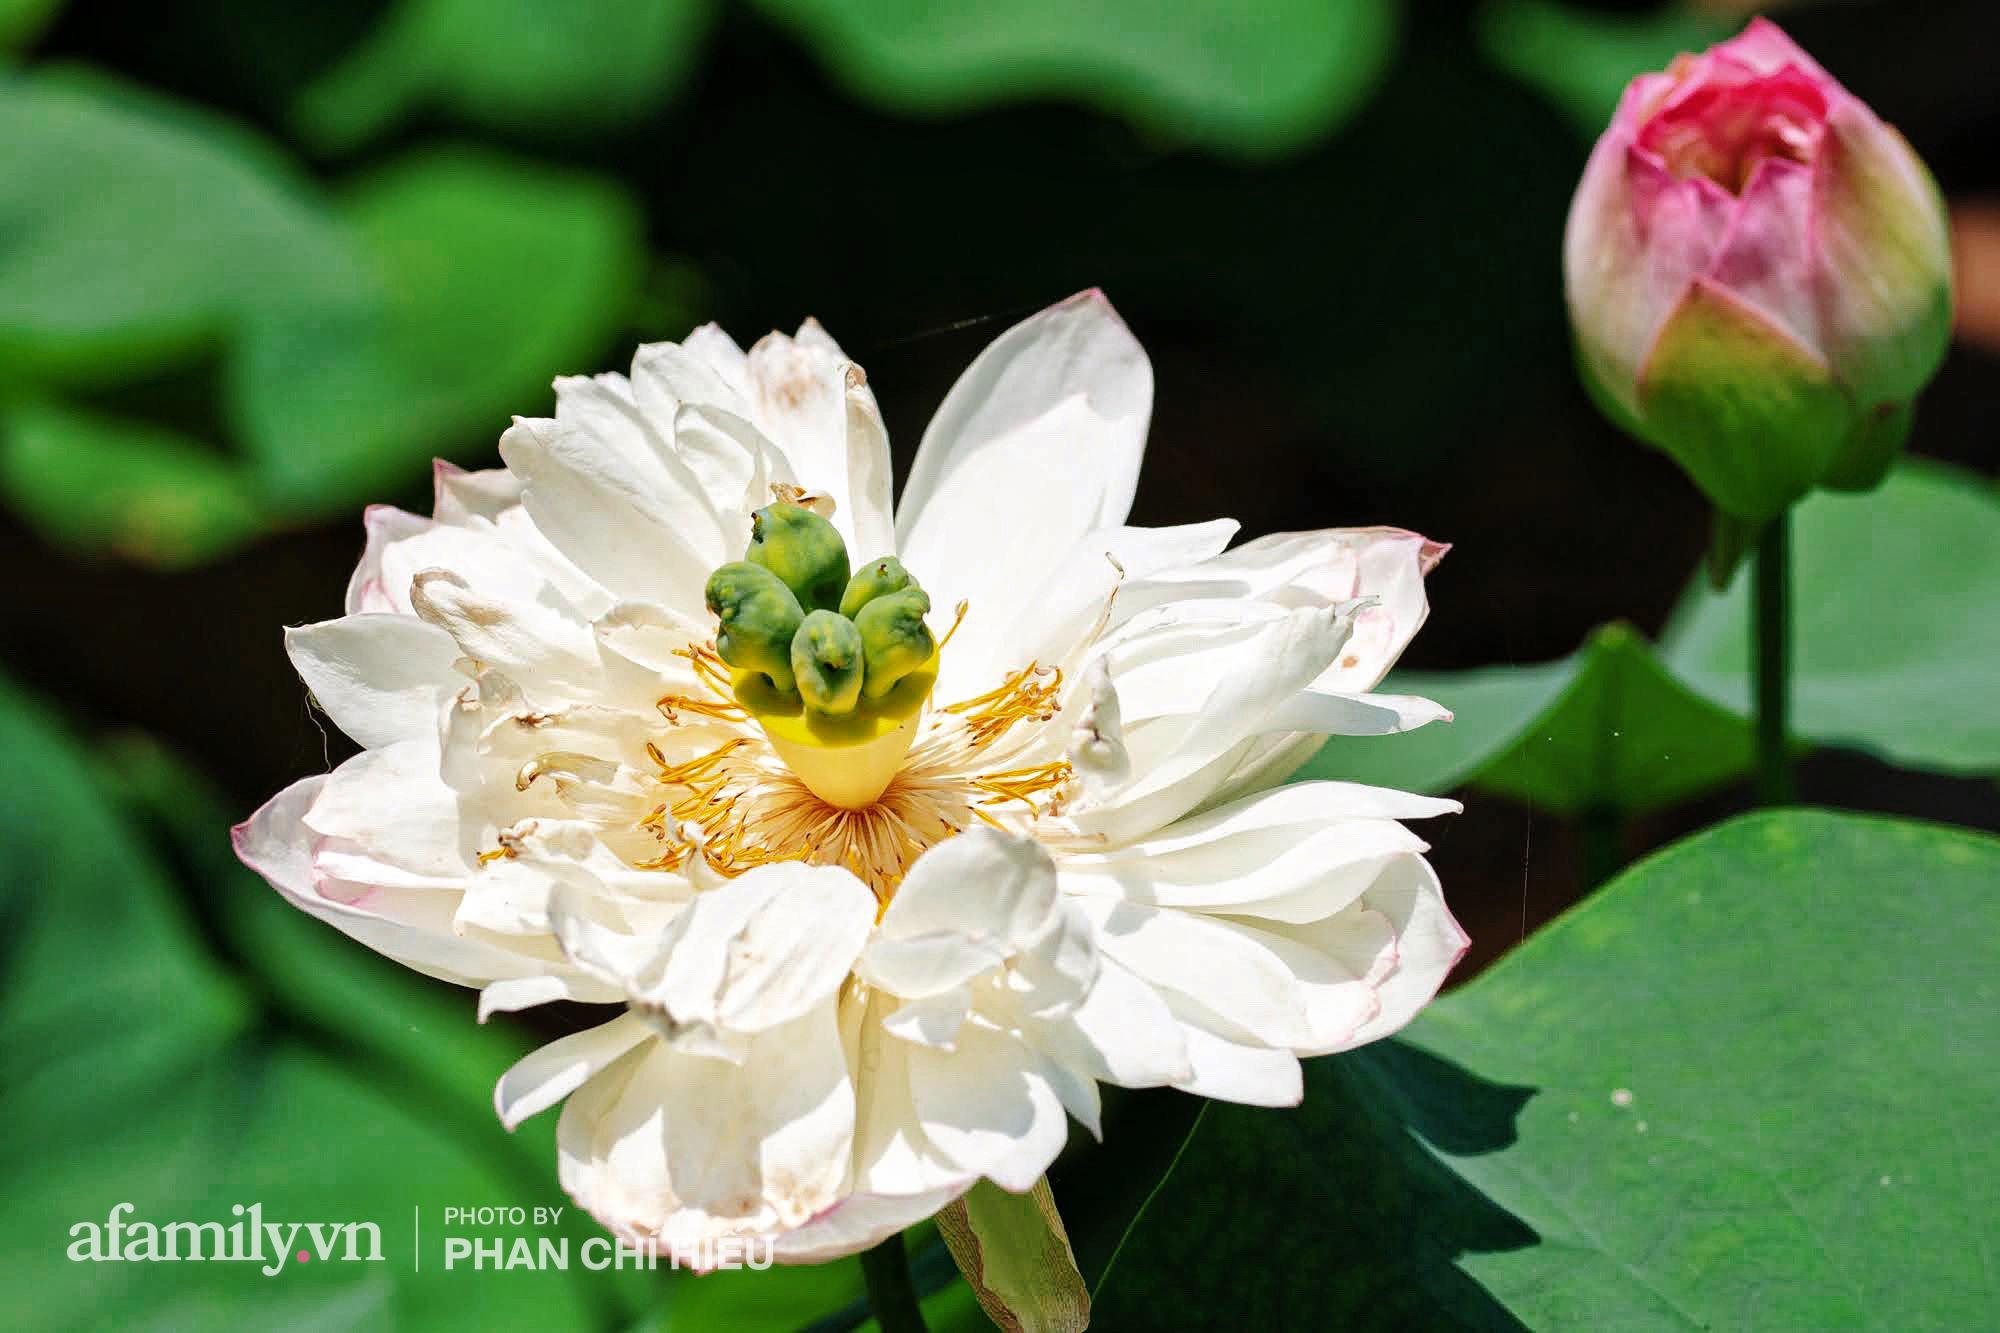 Độc đáo với thú chơi sen cung đình Huế tại Hà Nội, nở hoa tuyệt đẹp giữa ngôi nhà cổ trăm năm tuổi khiến bao người mê mẩn - Ảnh 5.